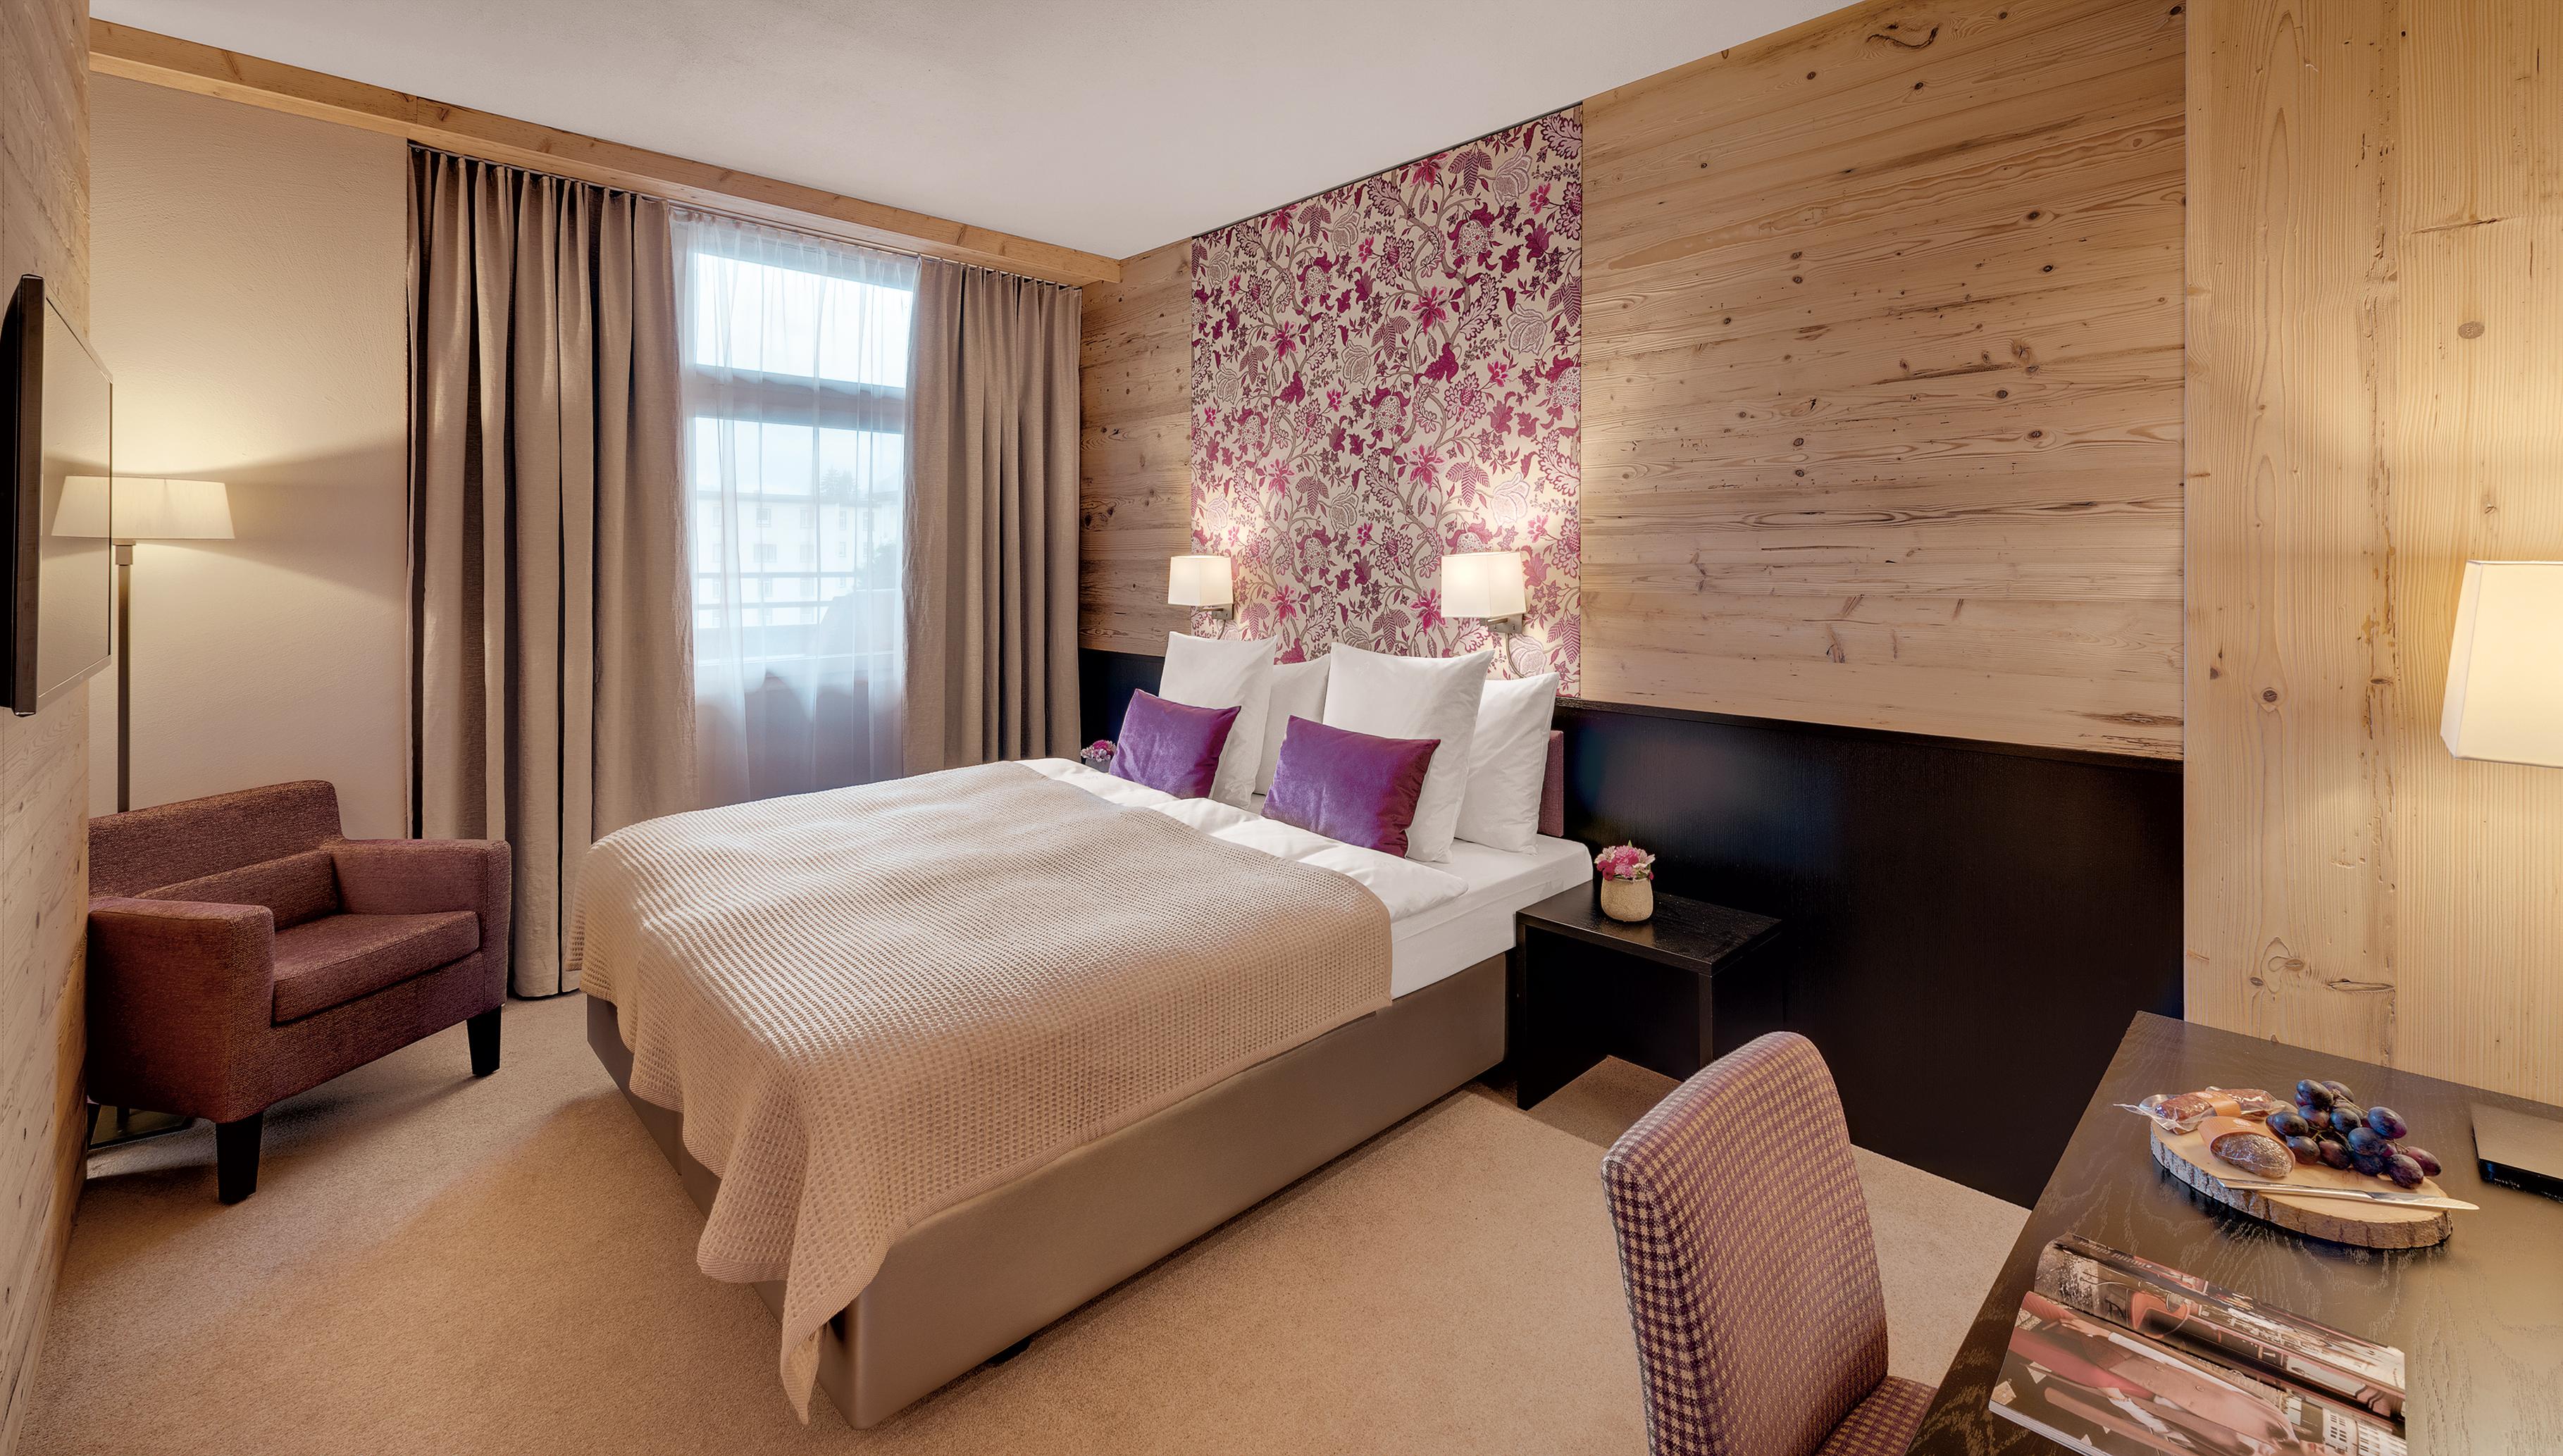 Hotel schweizerhof davos fotos 74